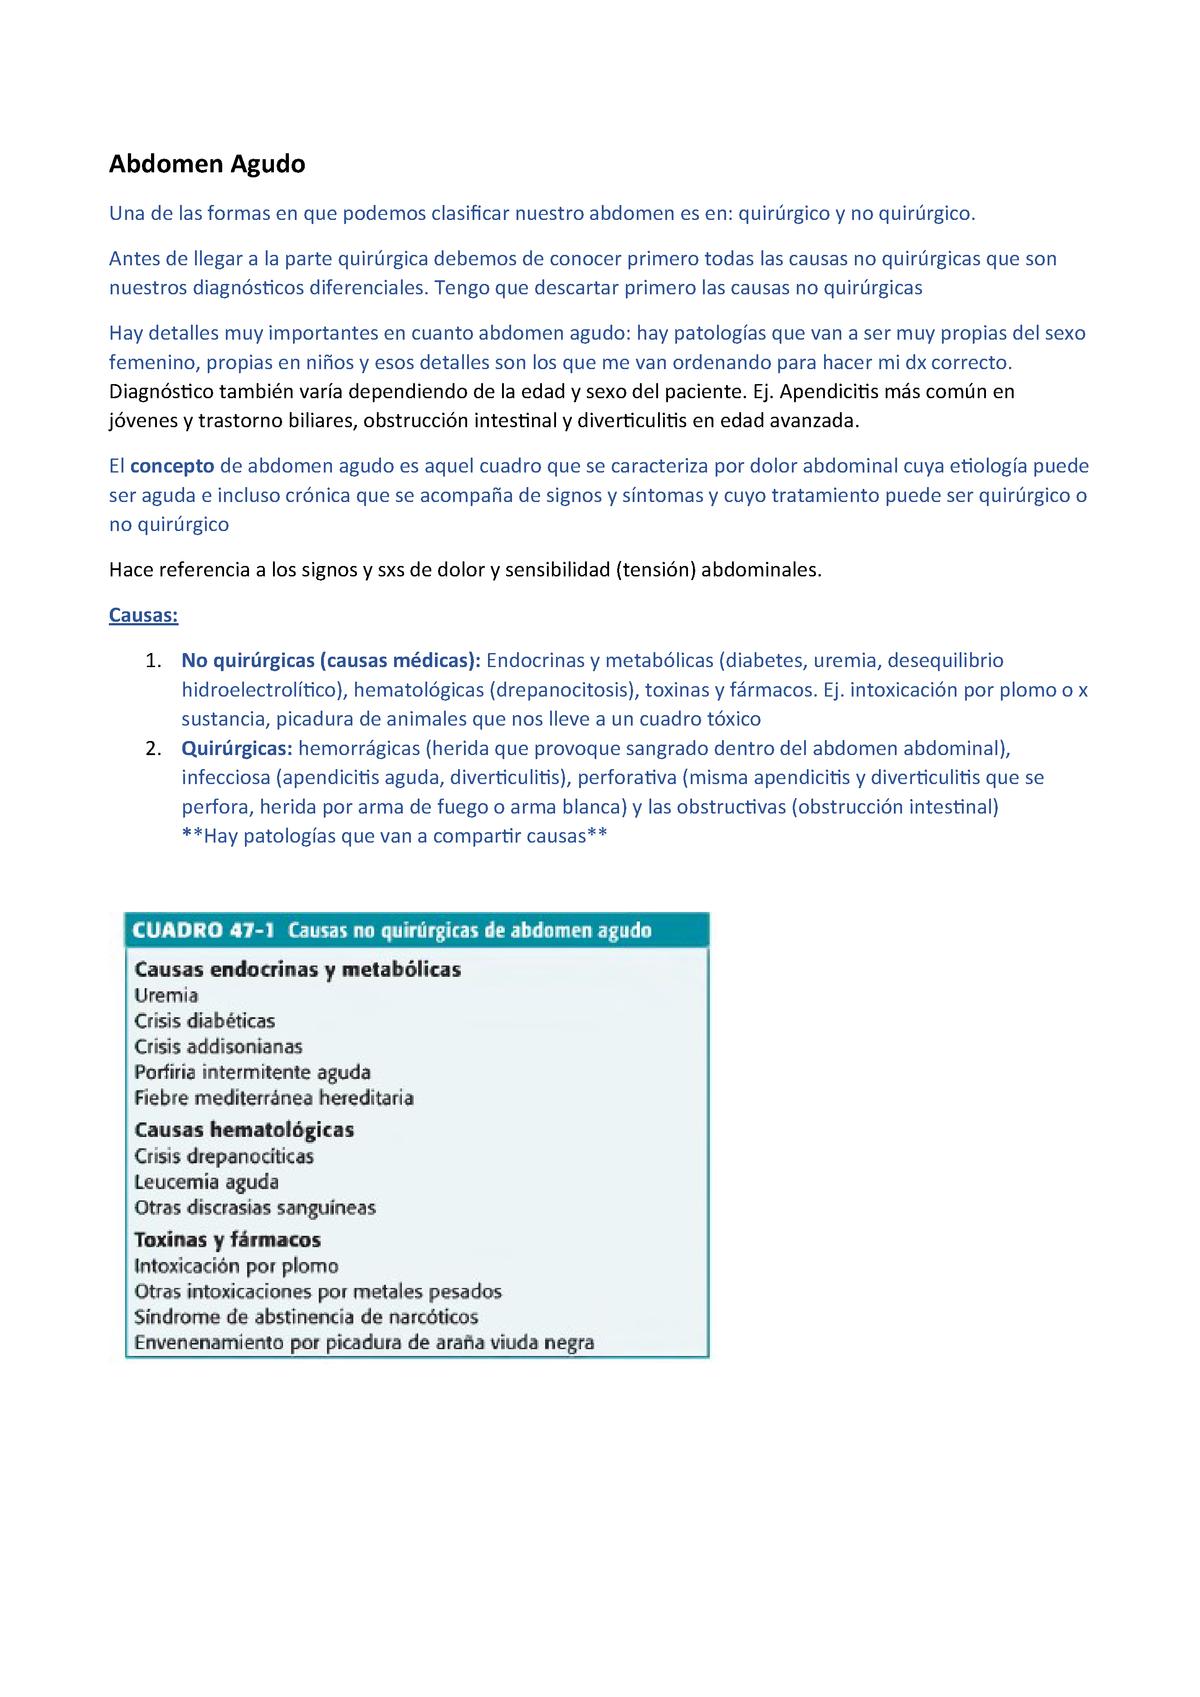 intoxicacion por plomo sintomas y signos de diabetes